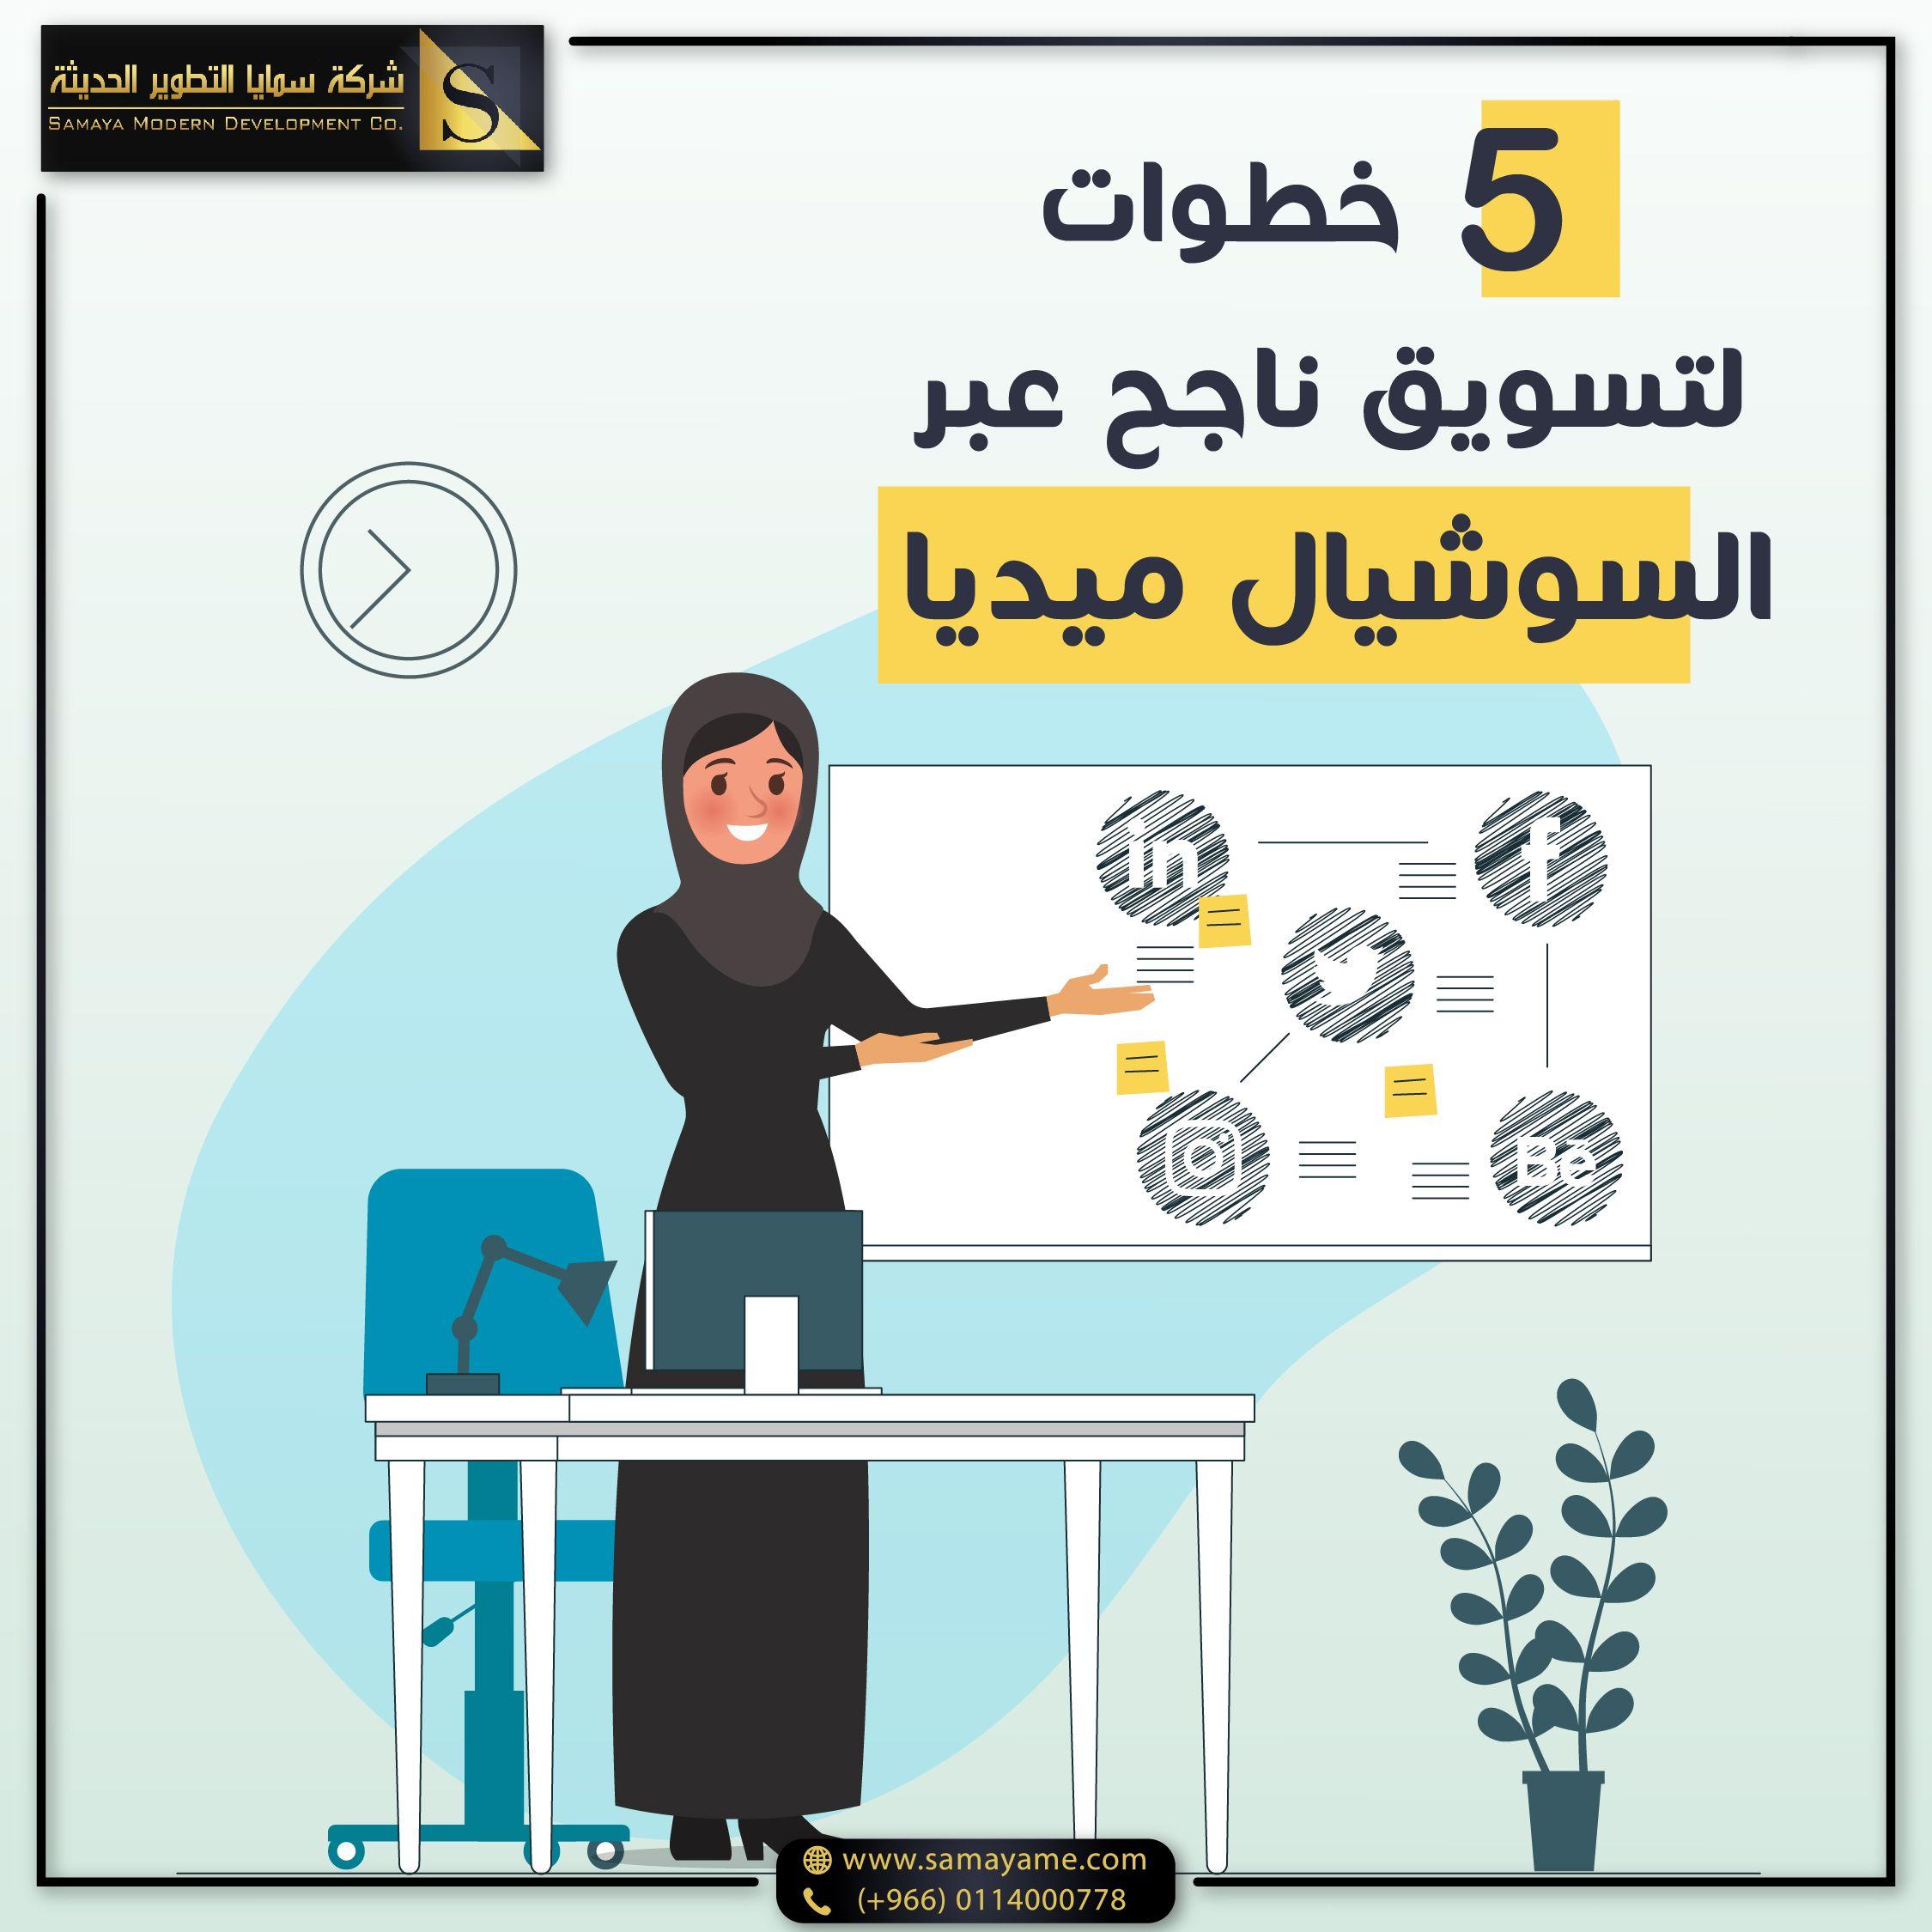 Social Media Marketing Marketing Agency Digital Marketing Digital Marketing Agency